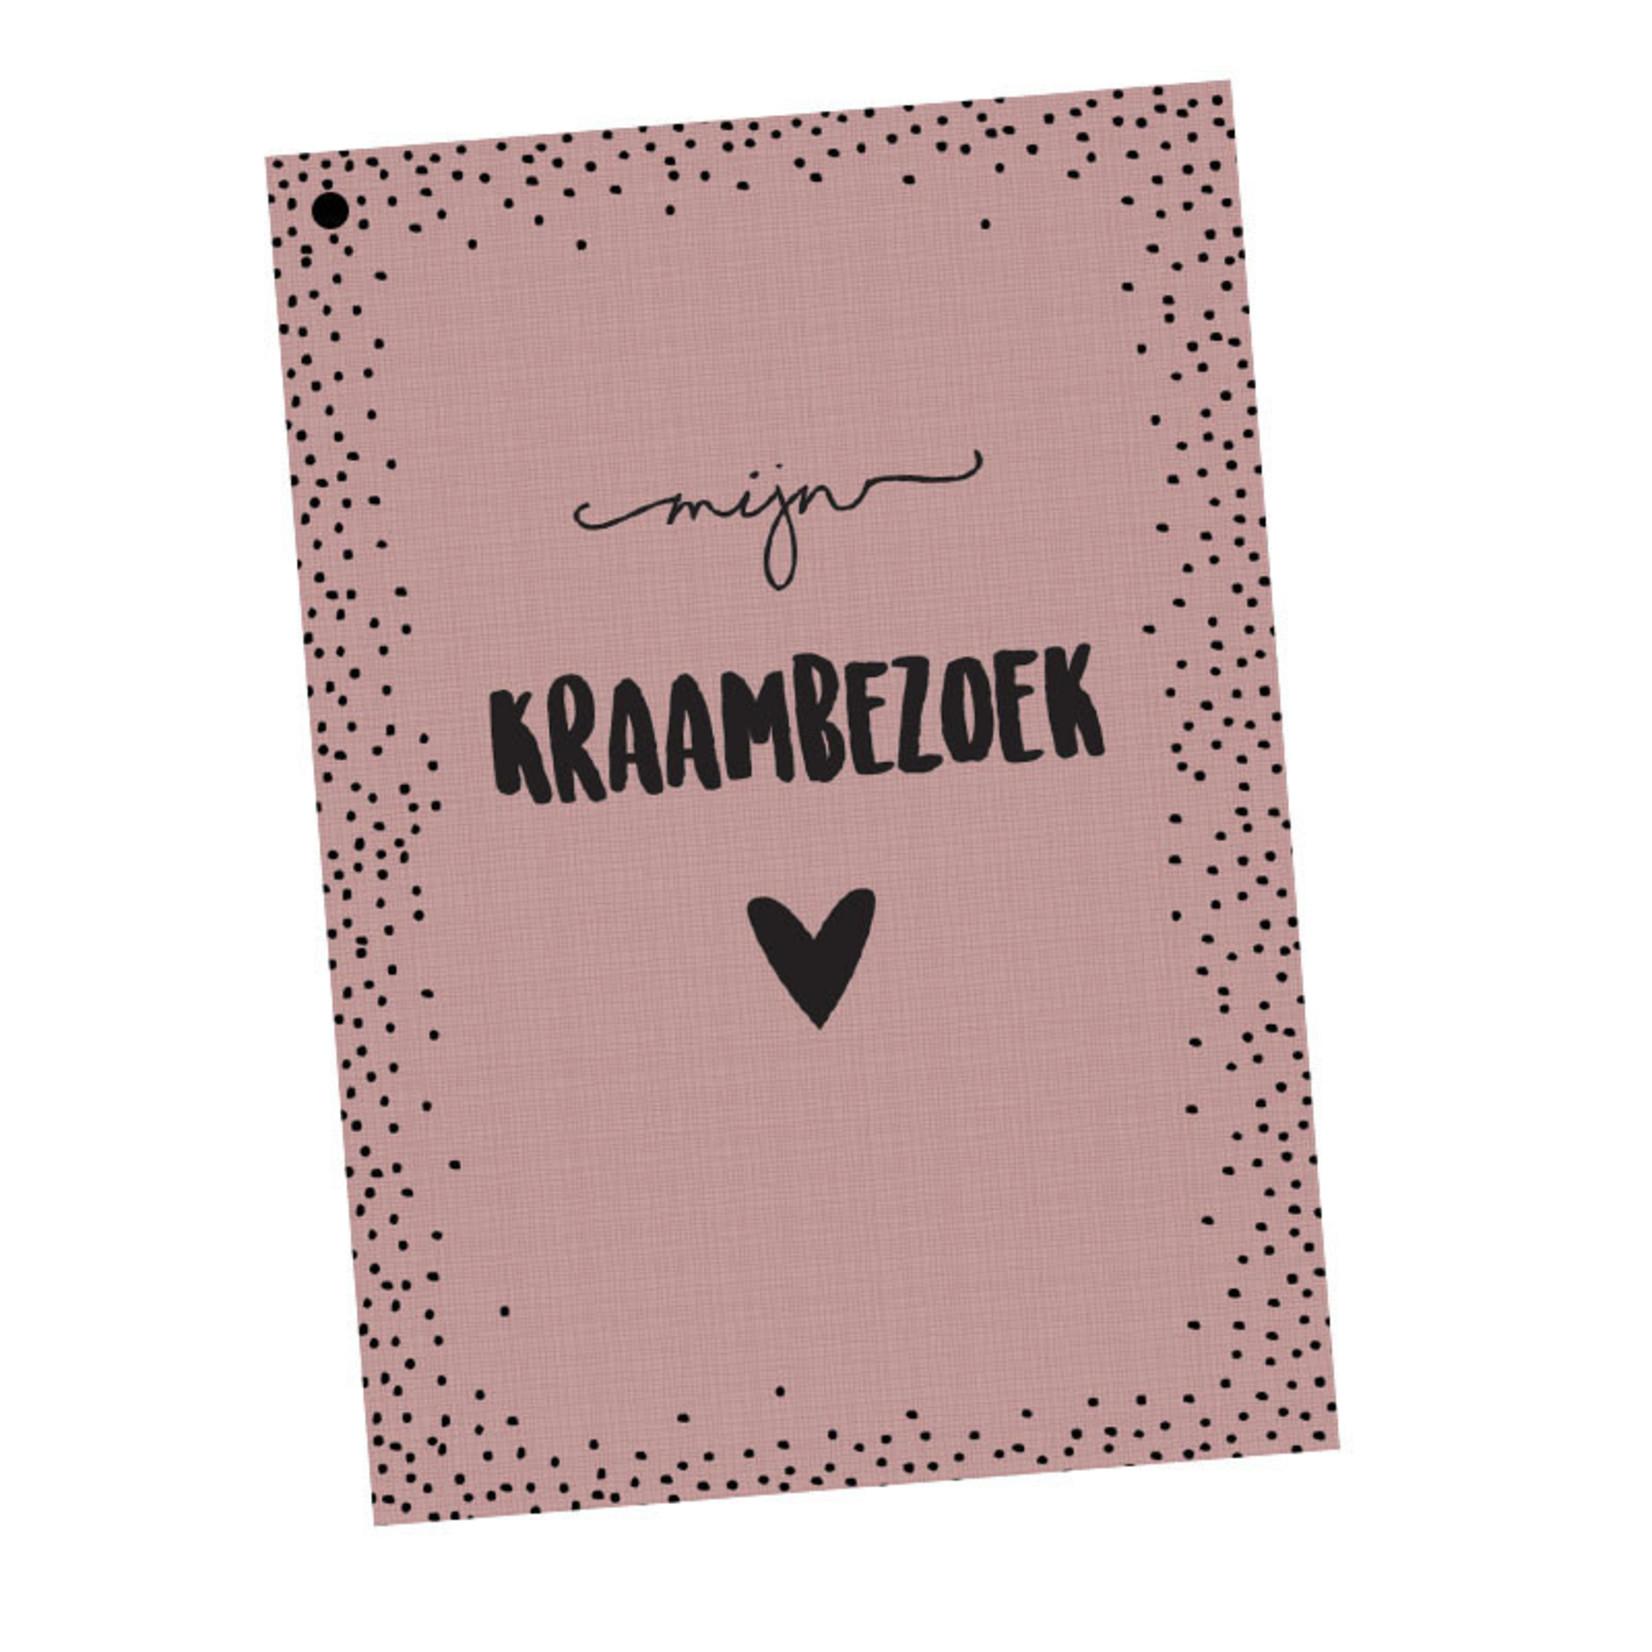 Hippekaartjes Hippekaartjes   Kraambezoekboek roze